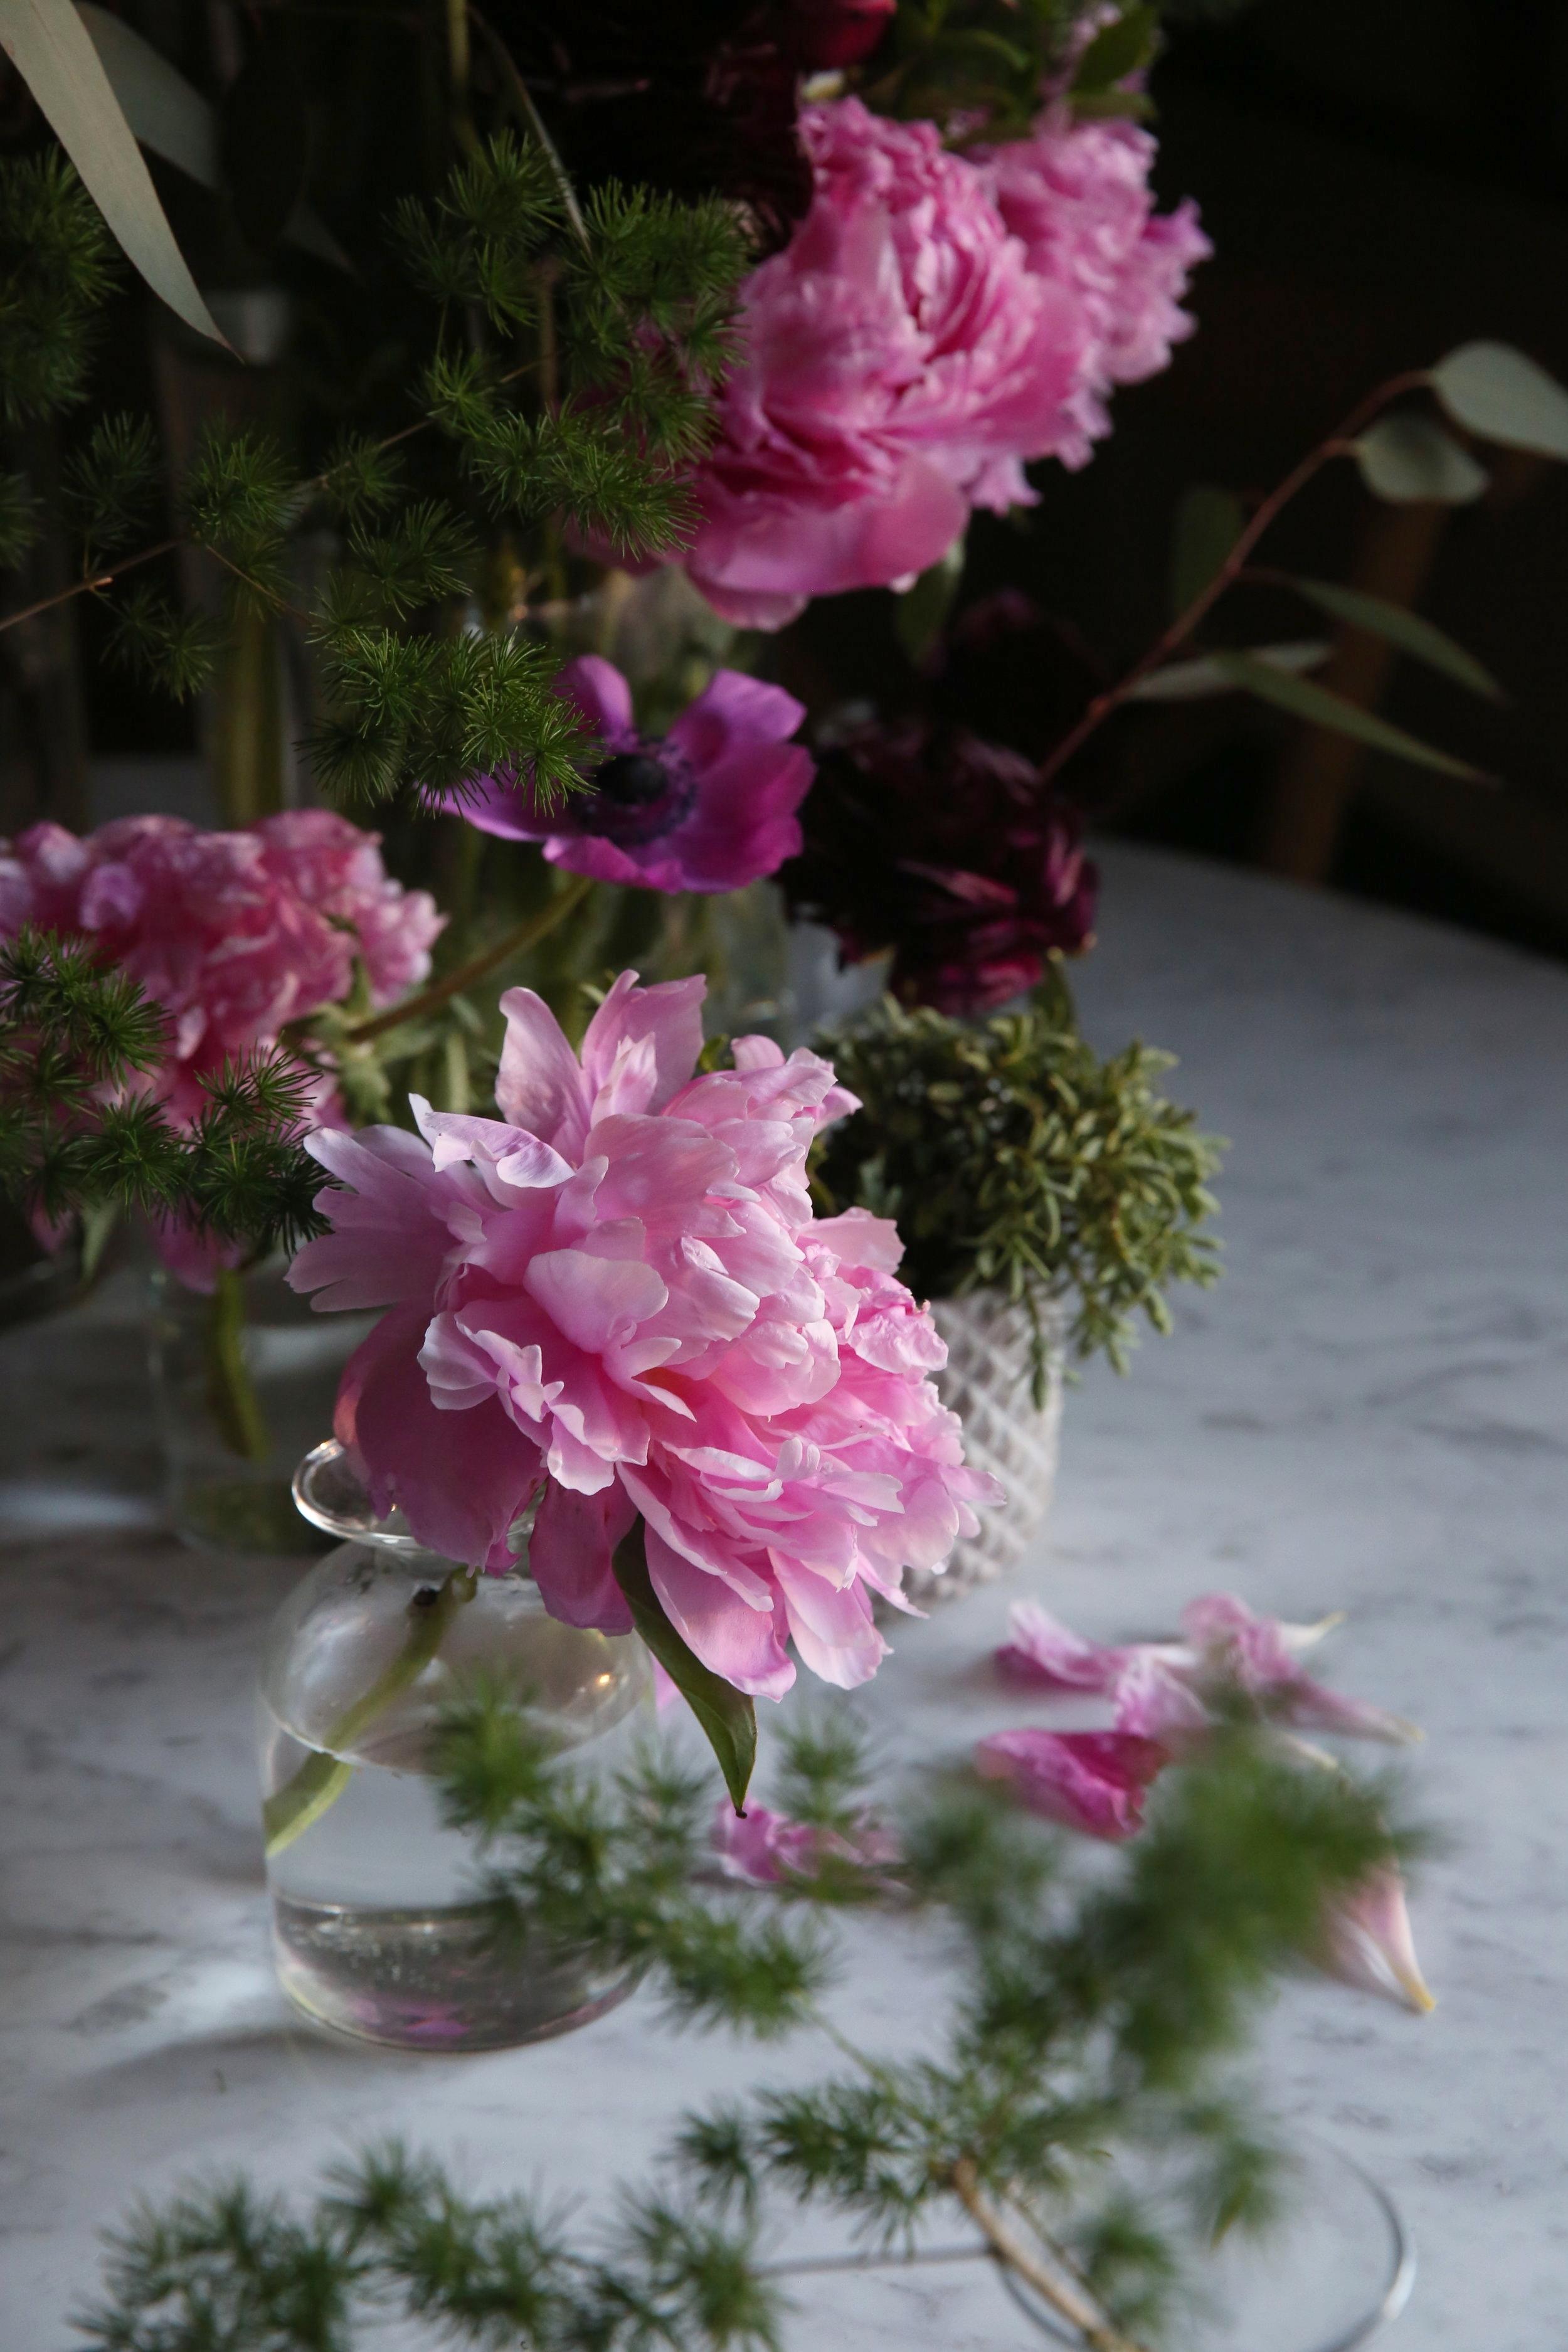 Judy Kim, Peony Still life, floral designer